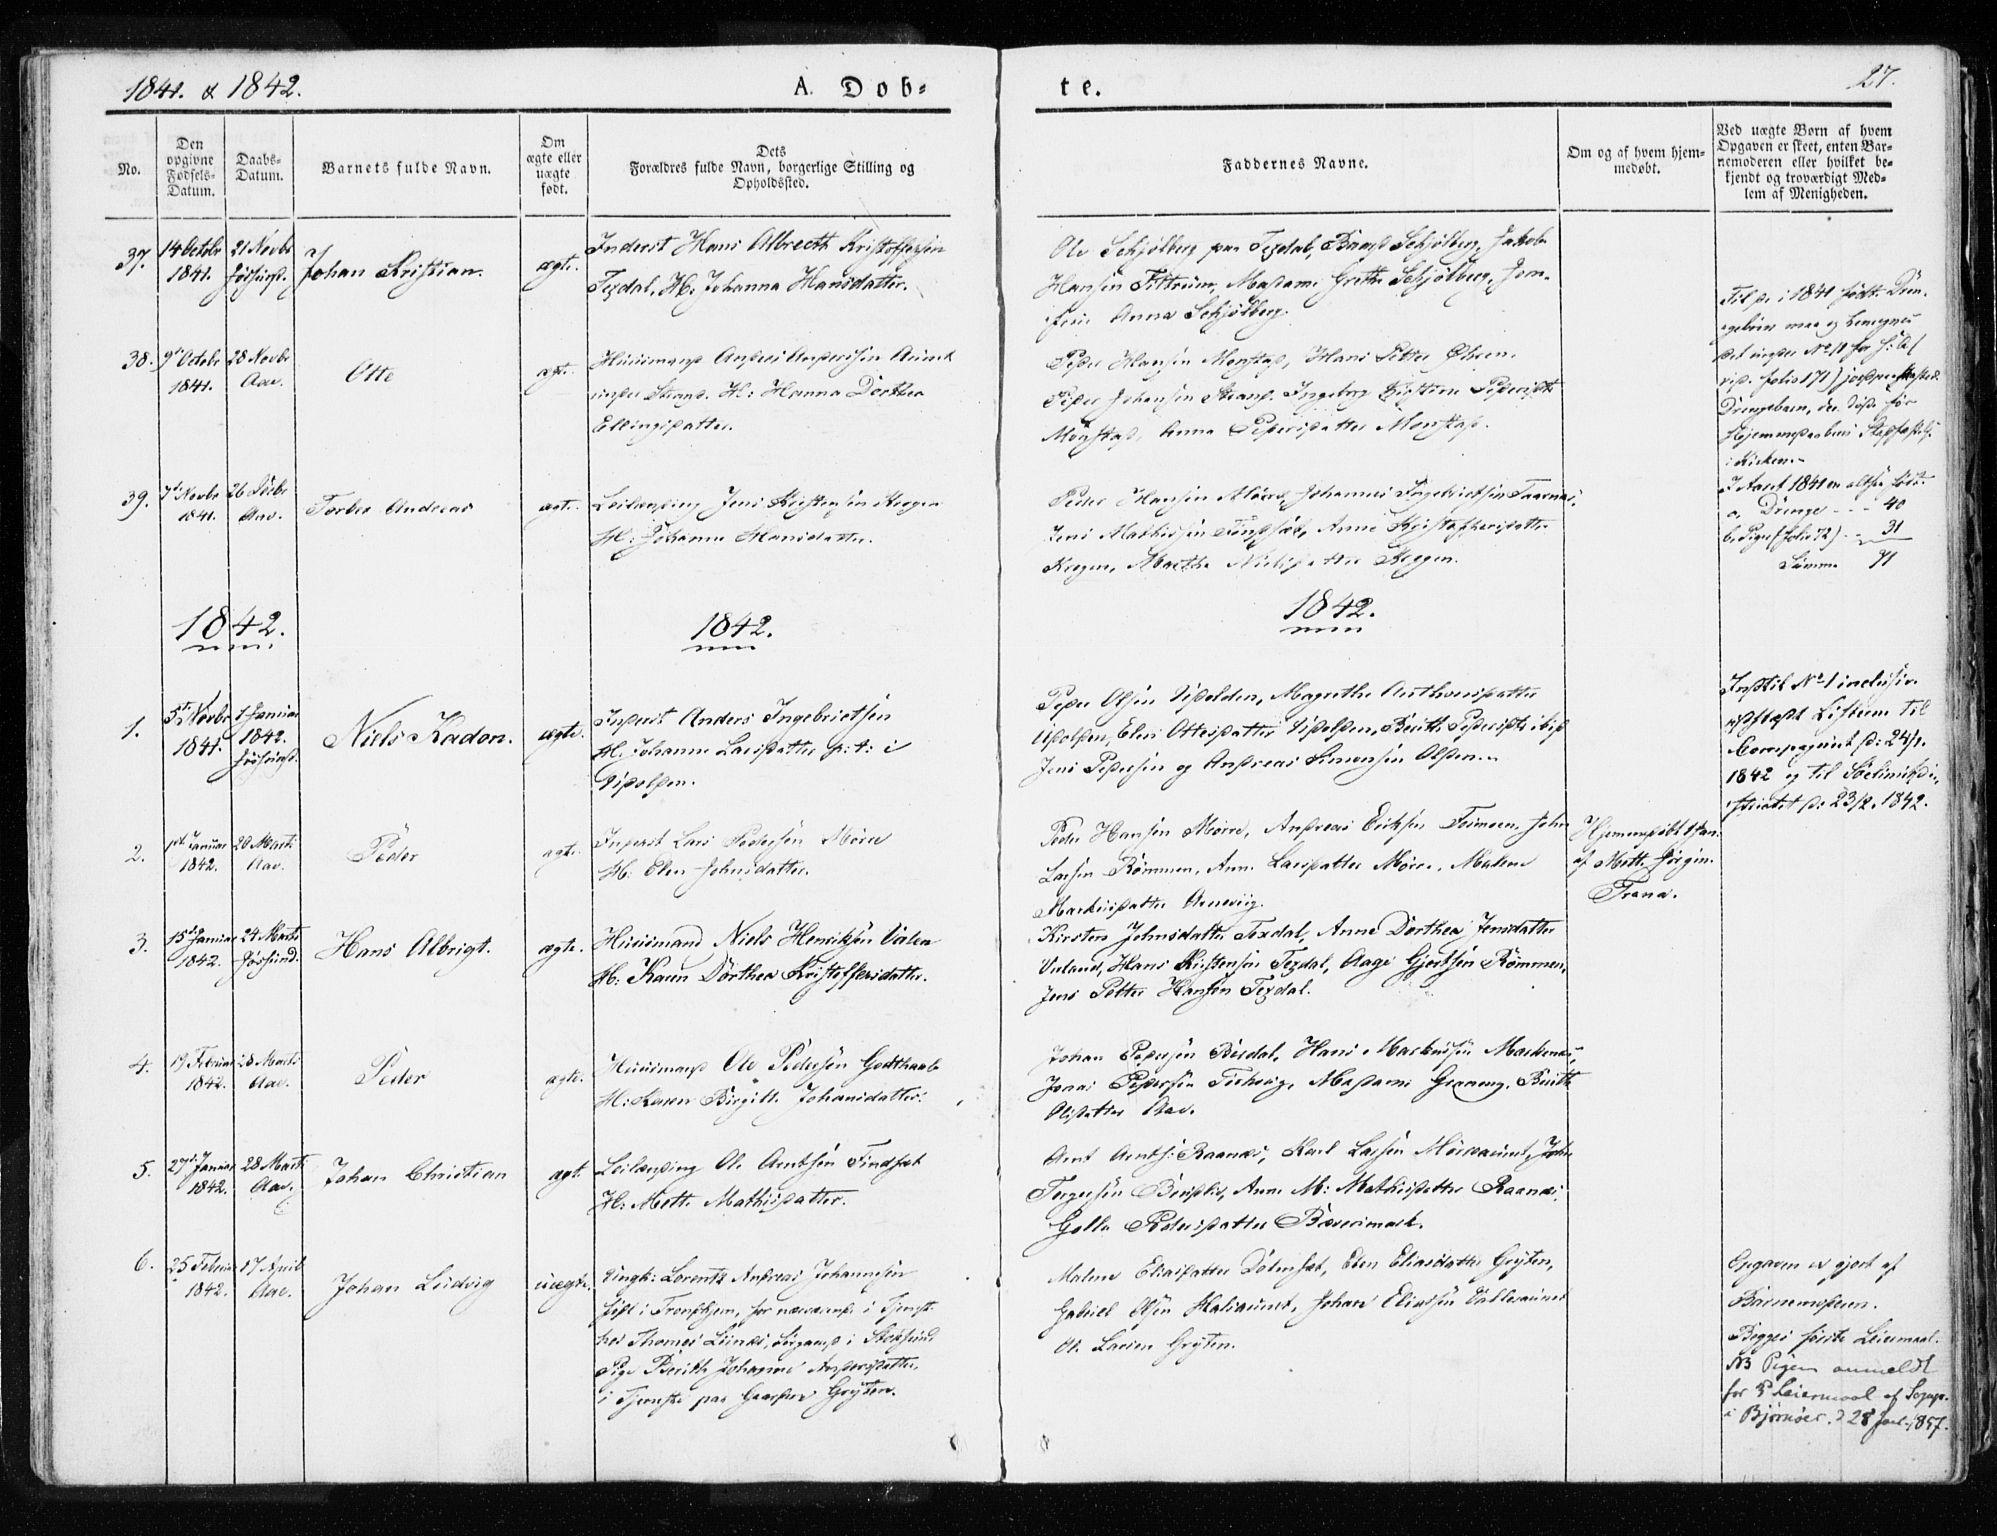 SAT, Ministerialprotokoller, klokkerbøker og fødselsregistre - Sør-Trøndelag, 655/L0676: Ministerialbok nr. 655A05, 1830-1847, s. 27